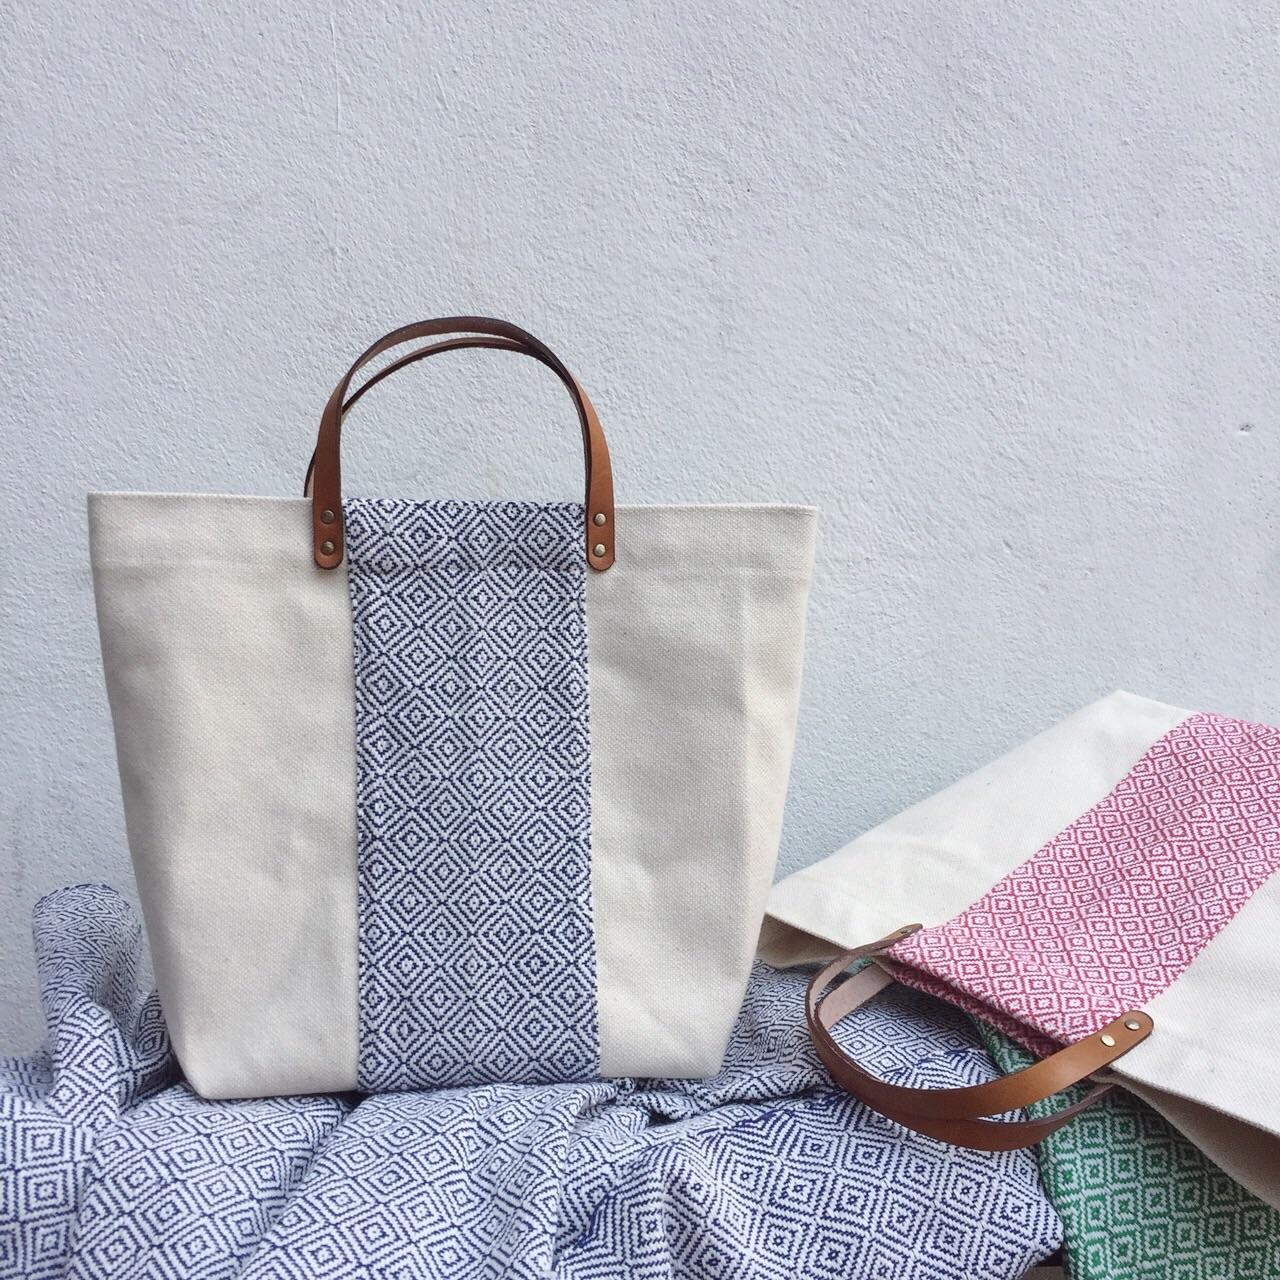 ของชำร่วย,canvasbags,canvasbag,bags,bag,nametag,pouch,pouchbag,handbag,handbags,nametagbag,custom,customized,topHandleBag,tophandlebag,chic,fashion,กระเป๋า,กระเป๋าผ้า,กระเป๋าถือ